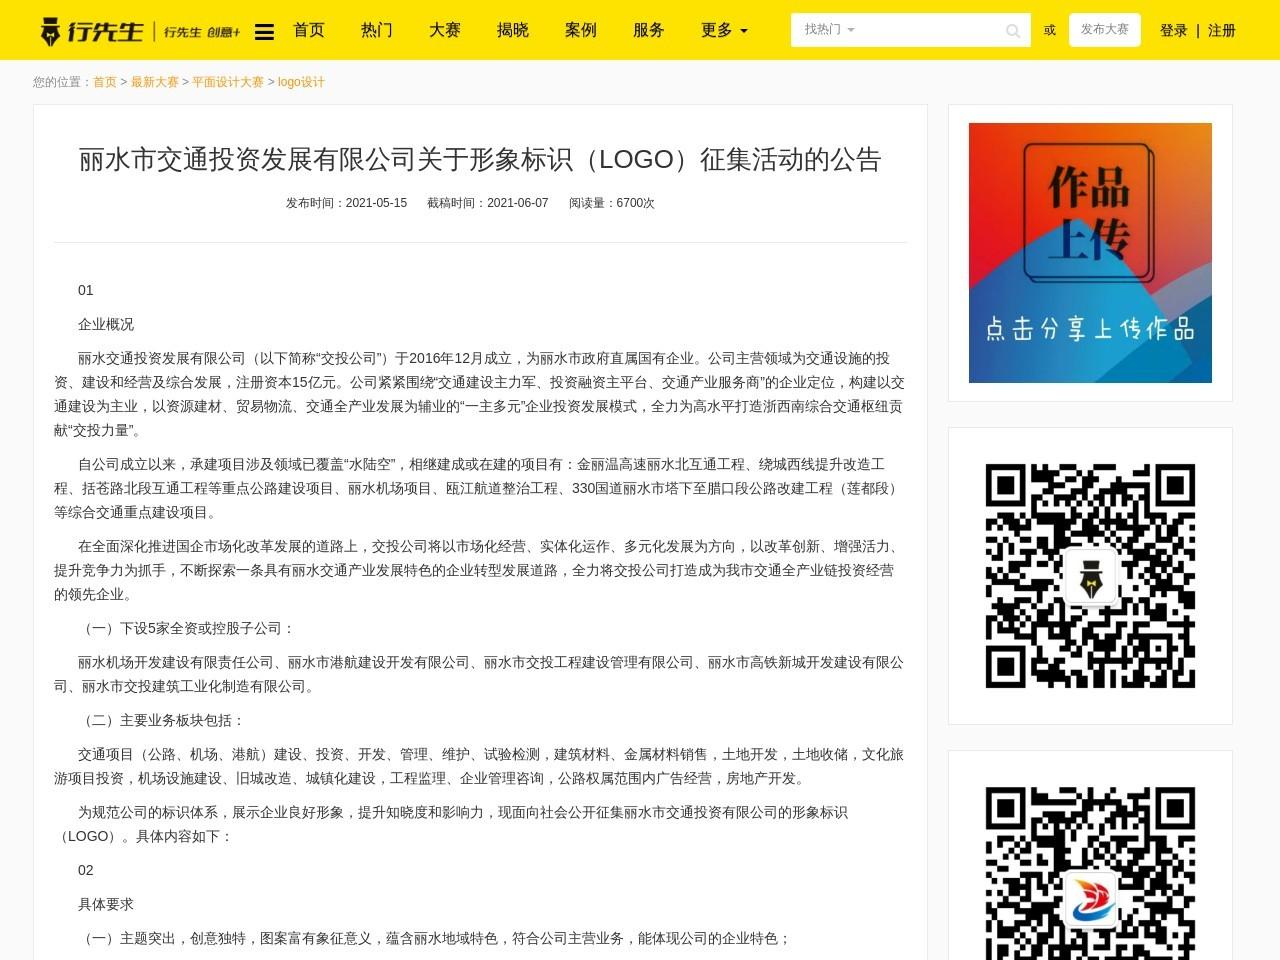 丽水市交通投资发展有限公司关于形象标识(LOGO)征集活动的公告